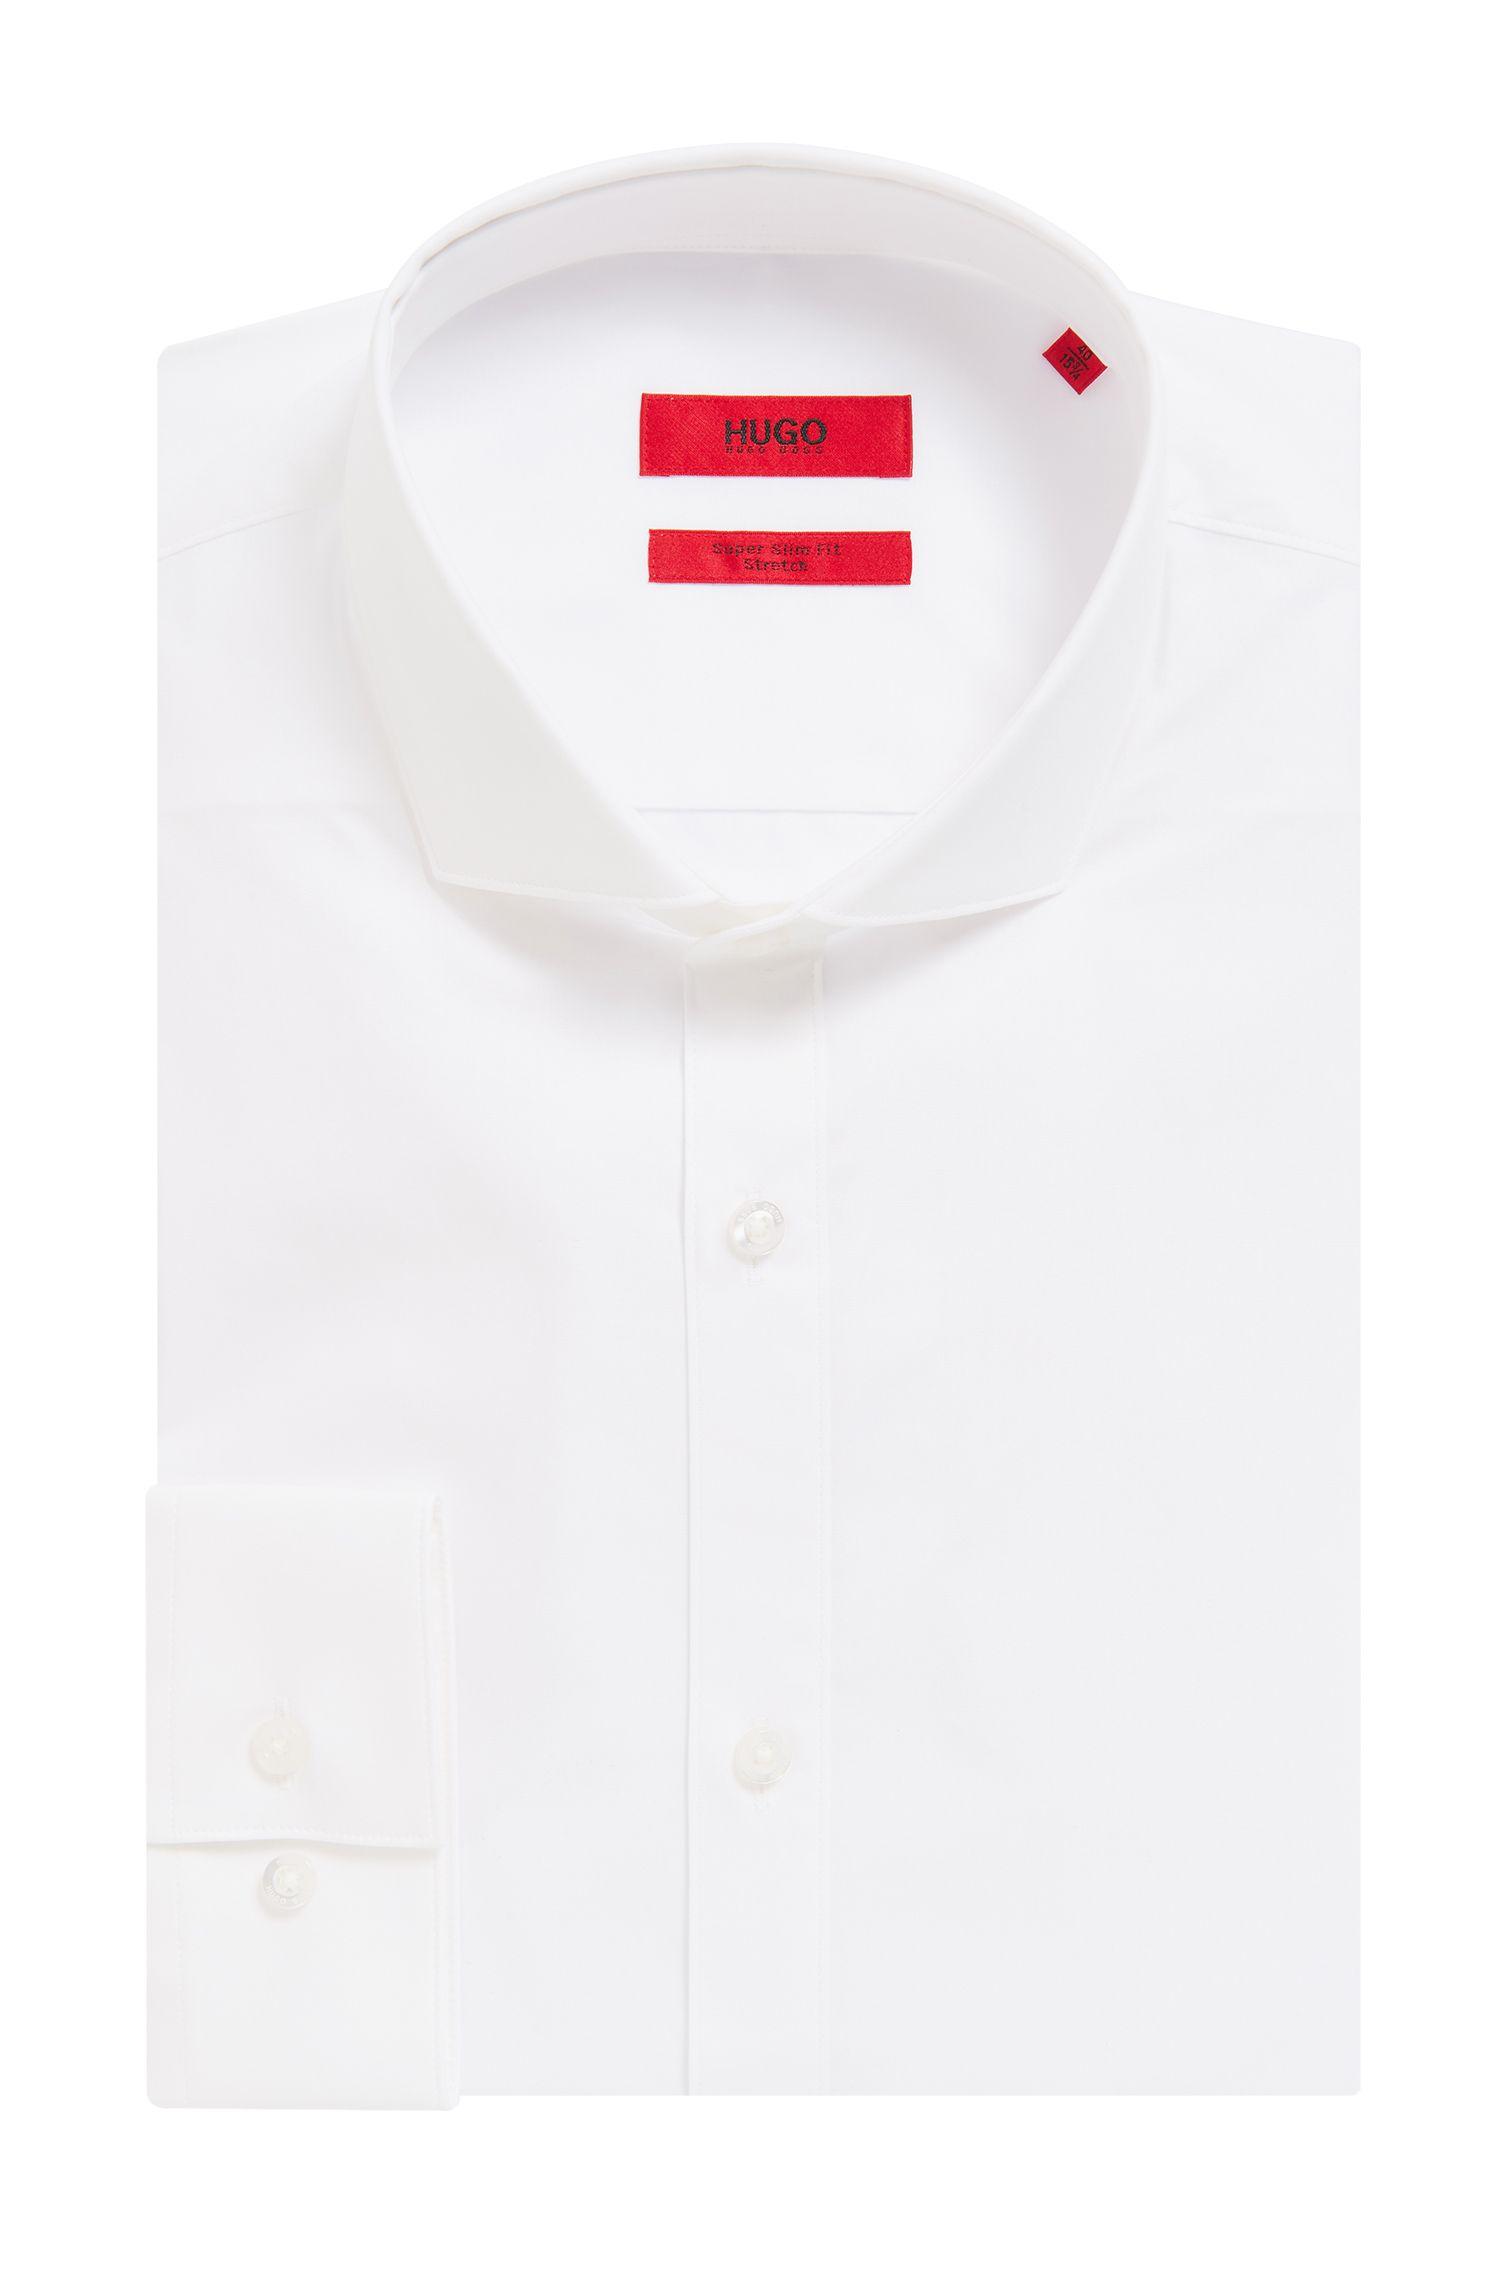 Extra Slim-Fit Hemd aus elastischer Baumwoll-Popeline